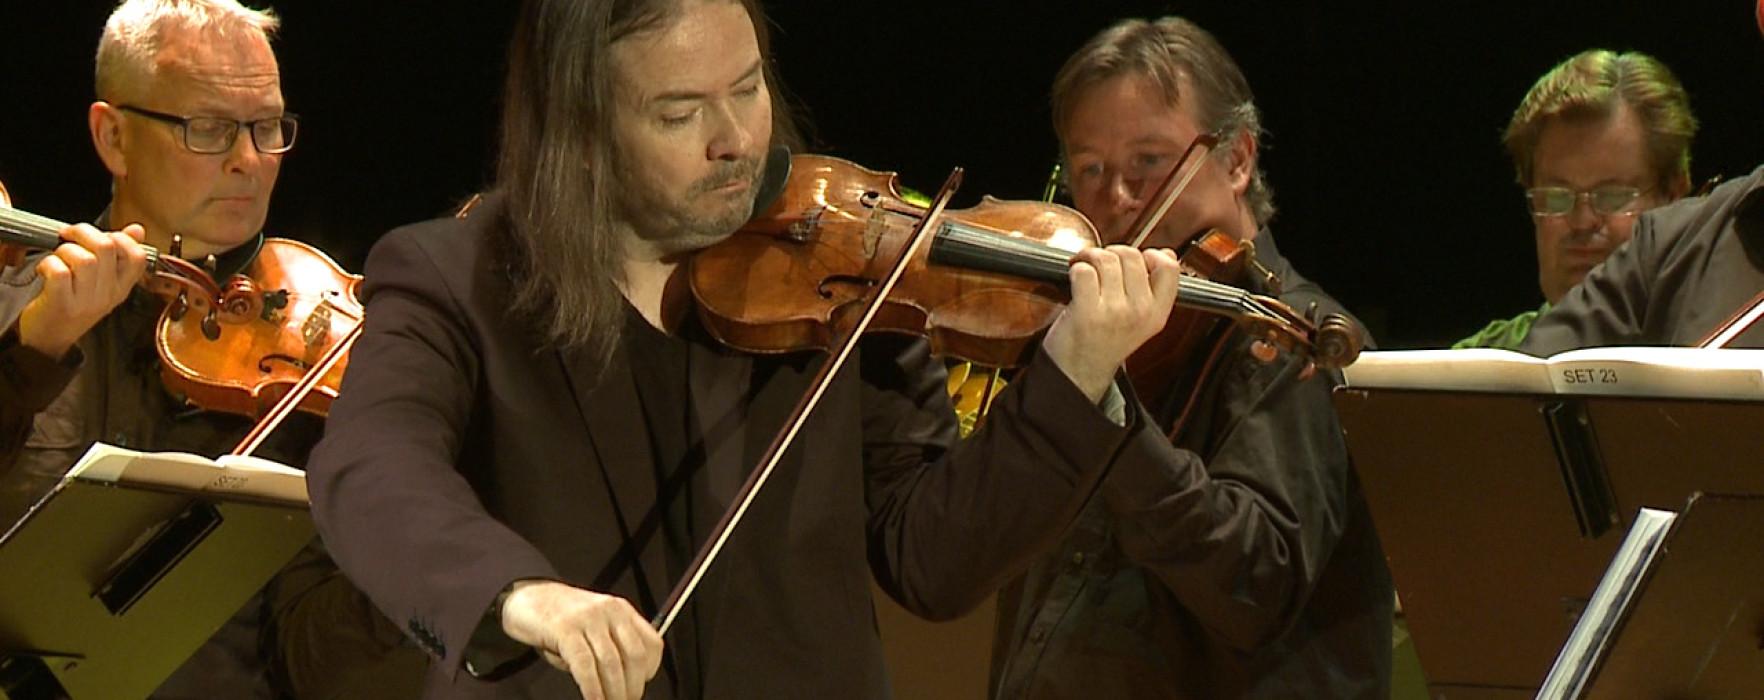 Glimt Värmland – Wermland Operas orkester